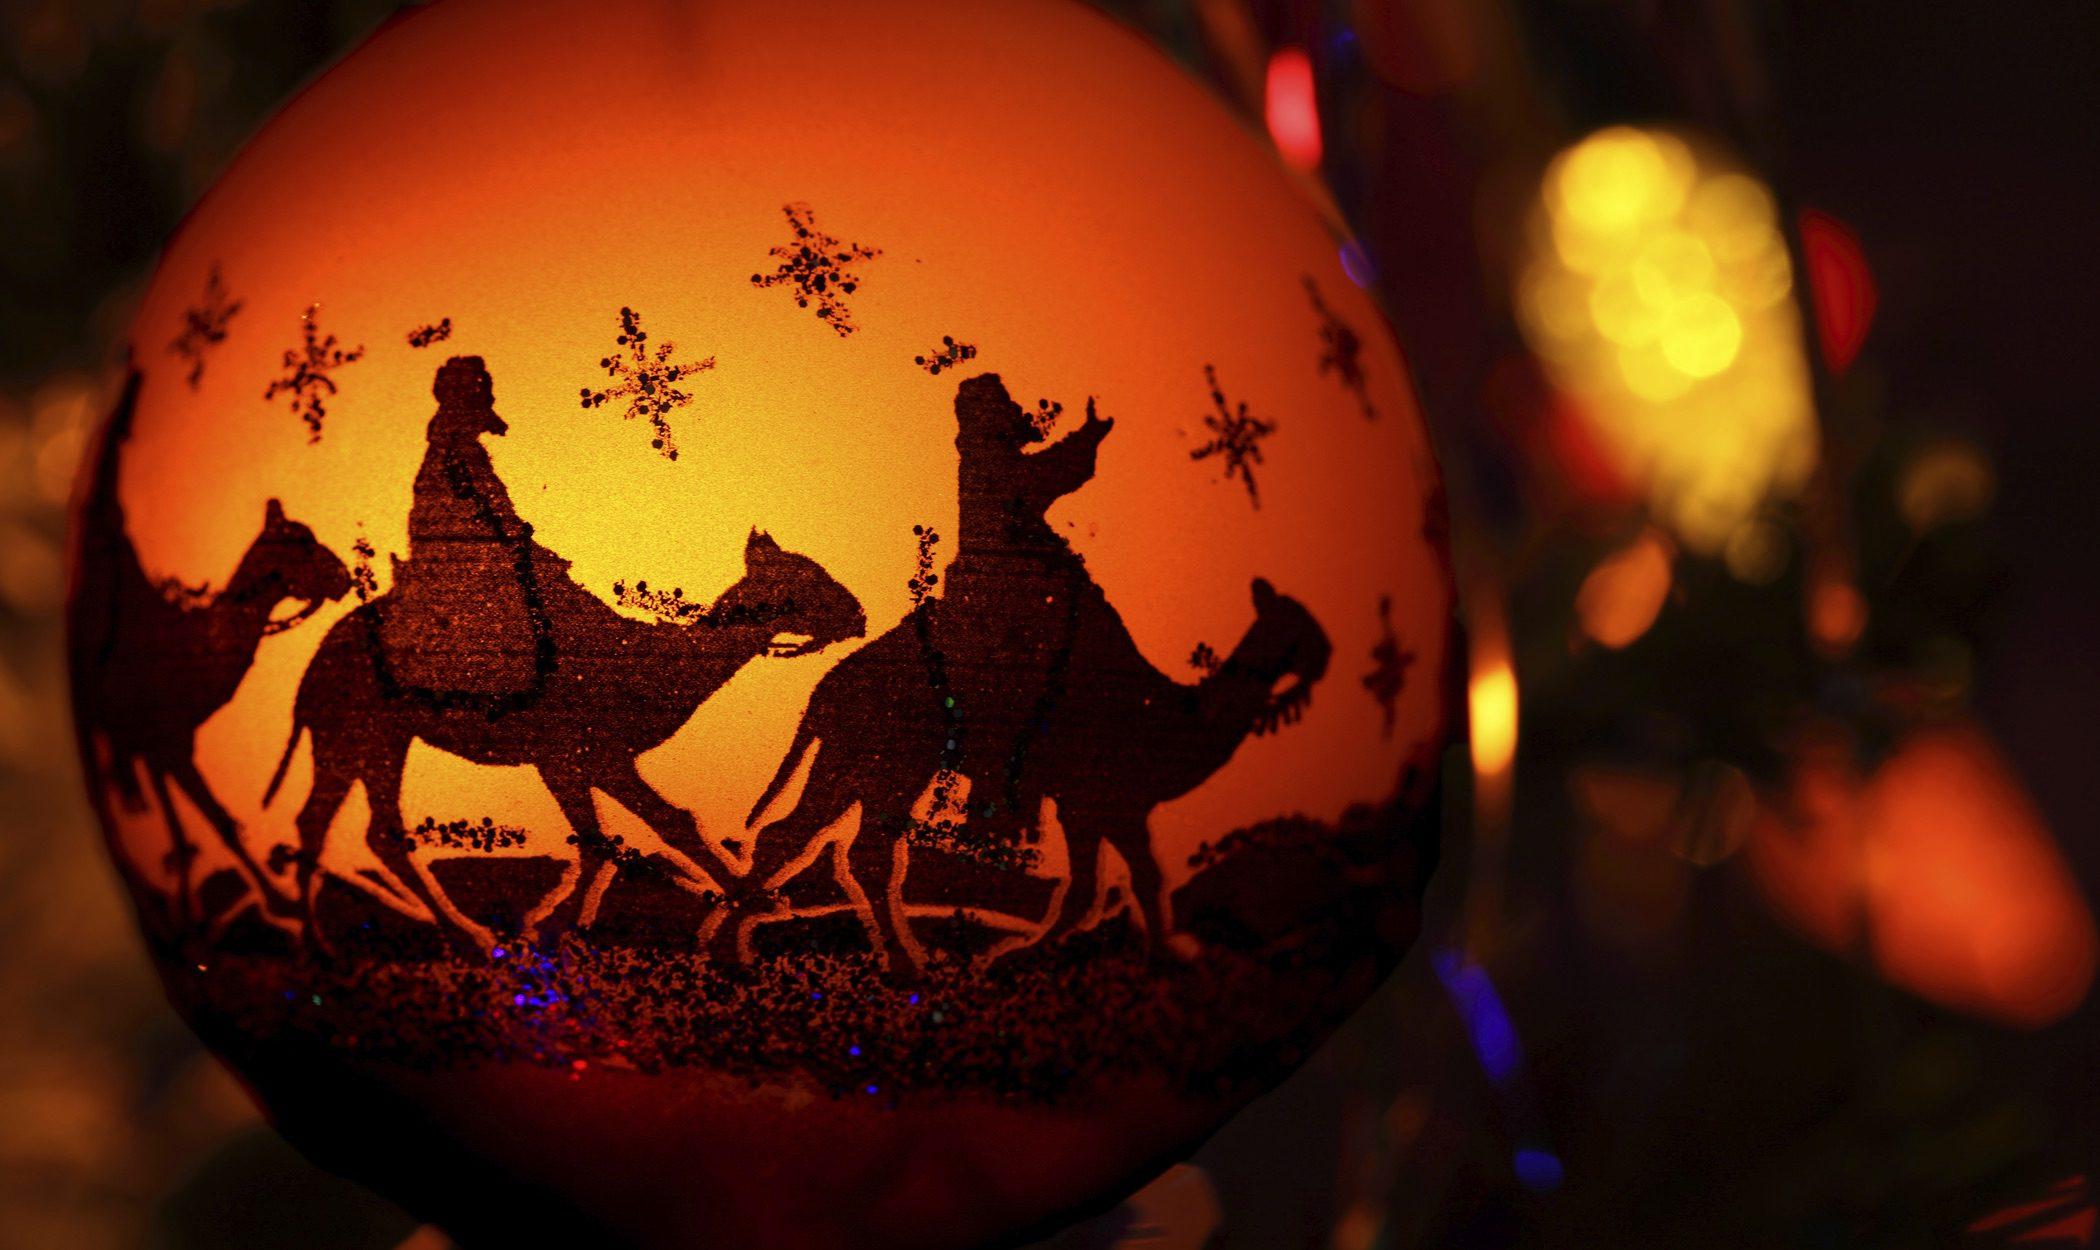 La Cabalgata de Reyes en el Mundo ¿Dónde se celebra?